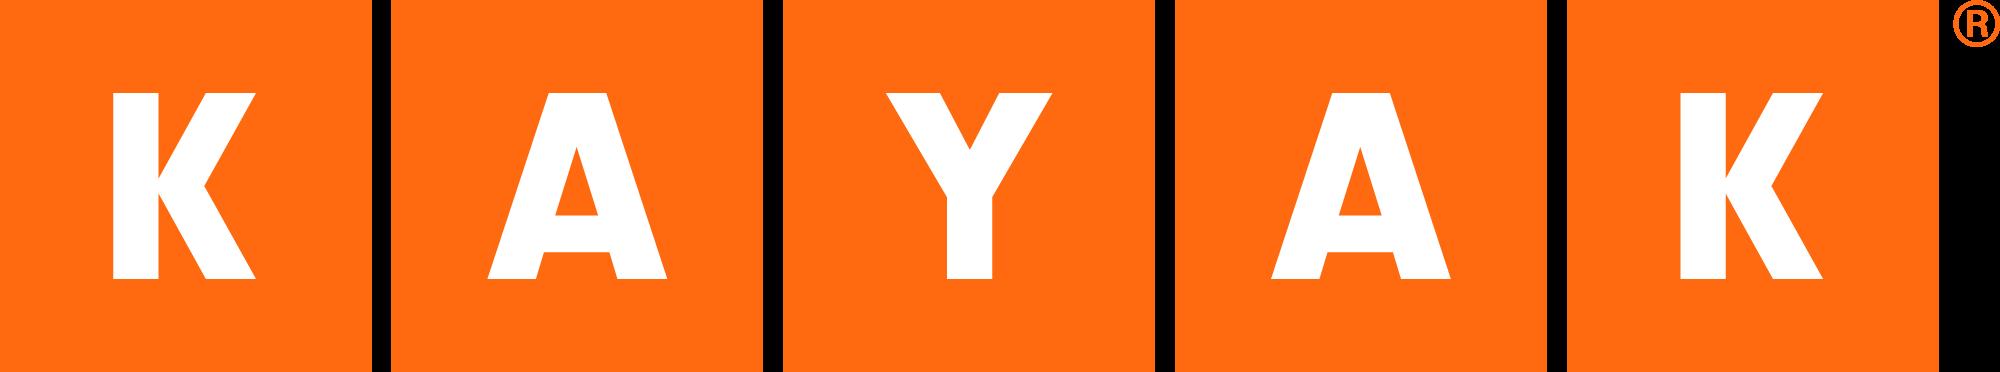 KAYAK-LOGO-RGB-wRegistration-372px.png